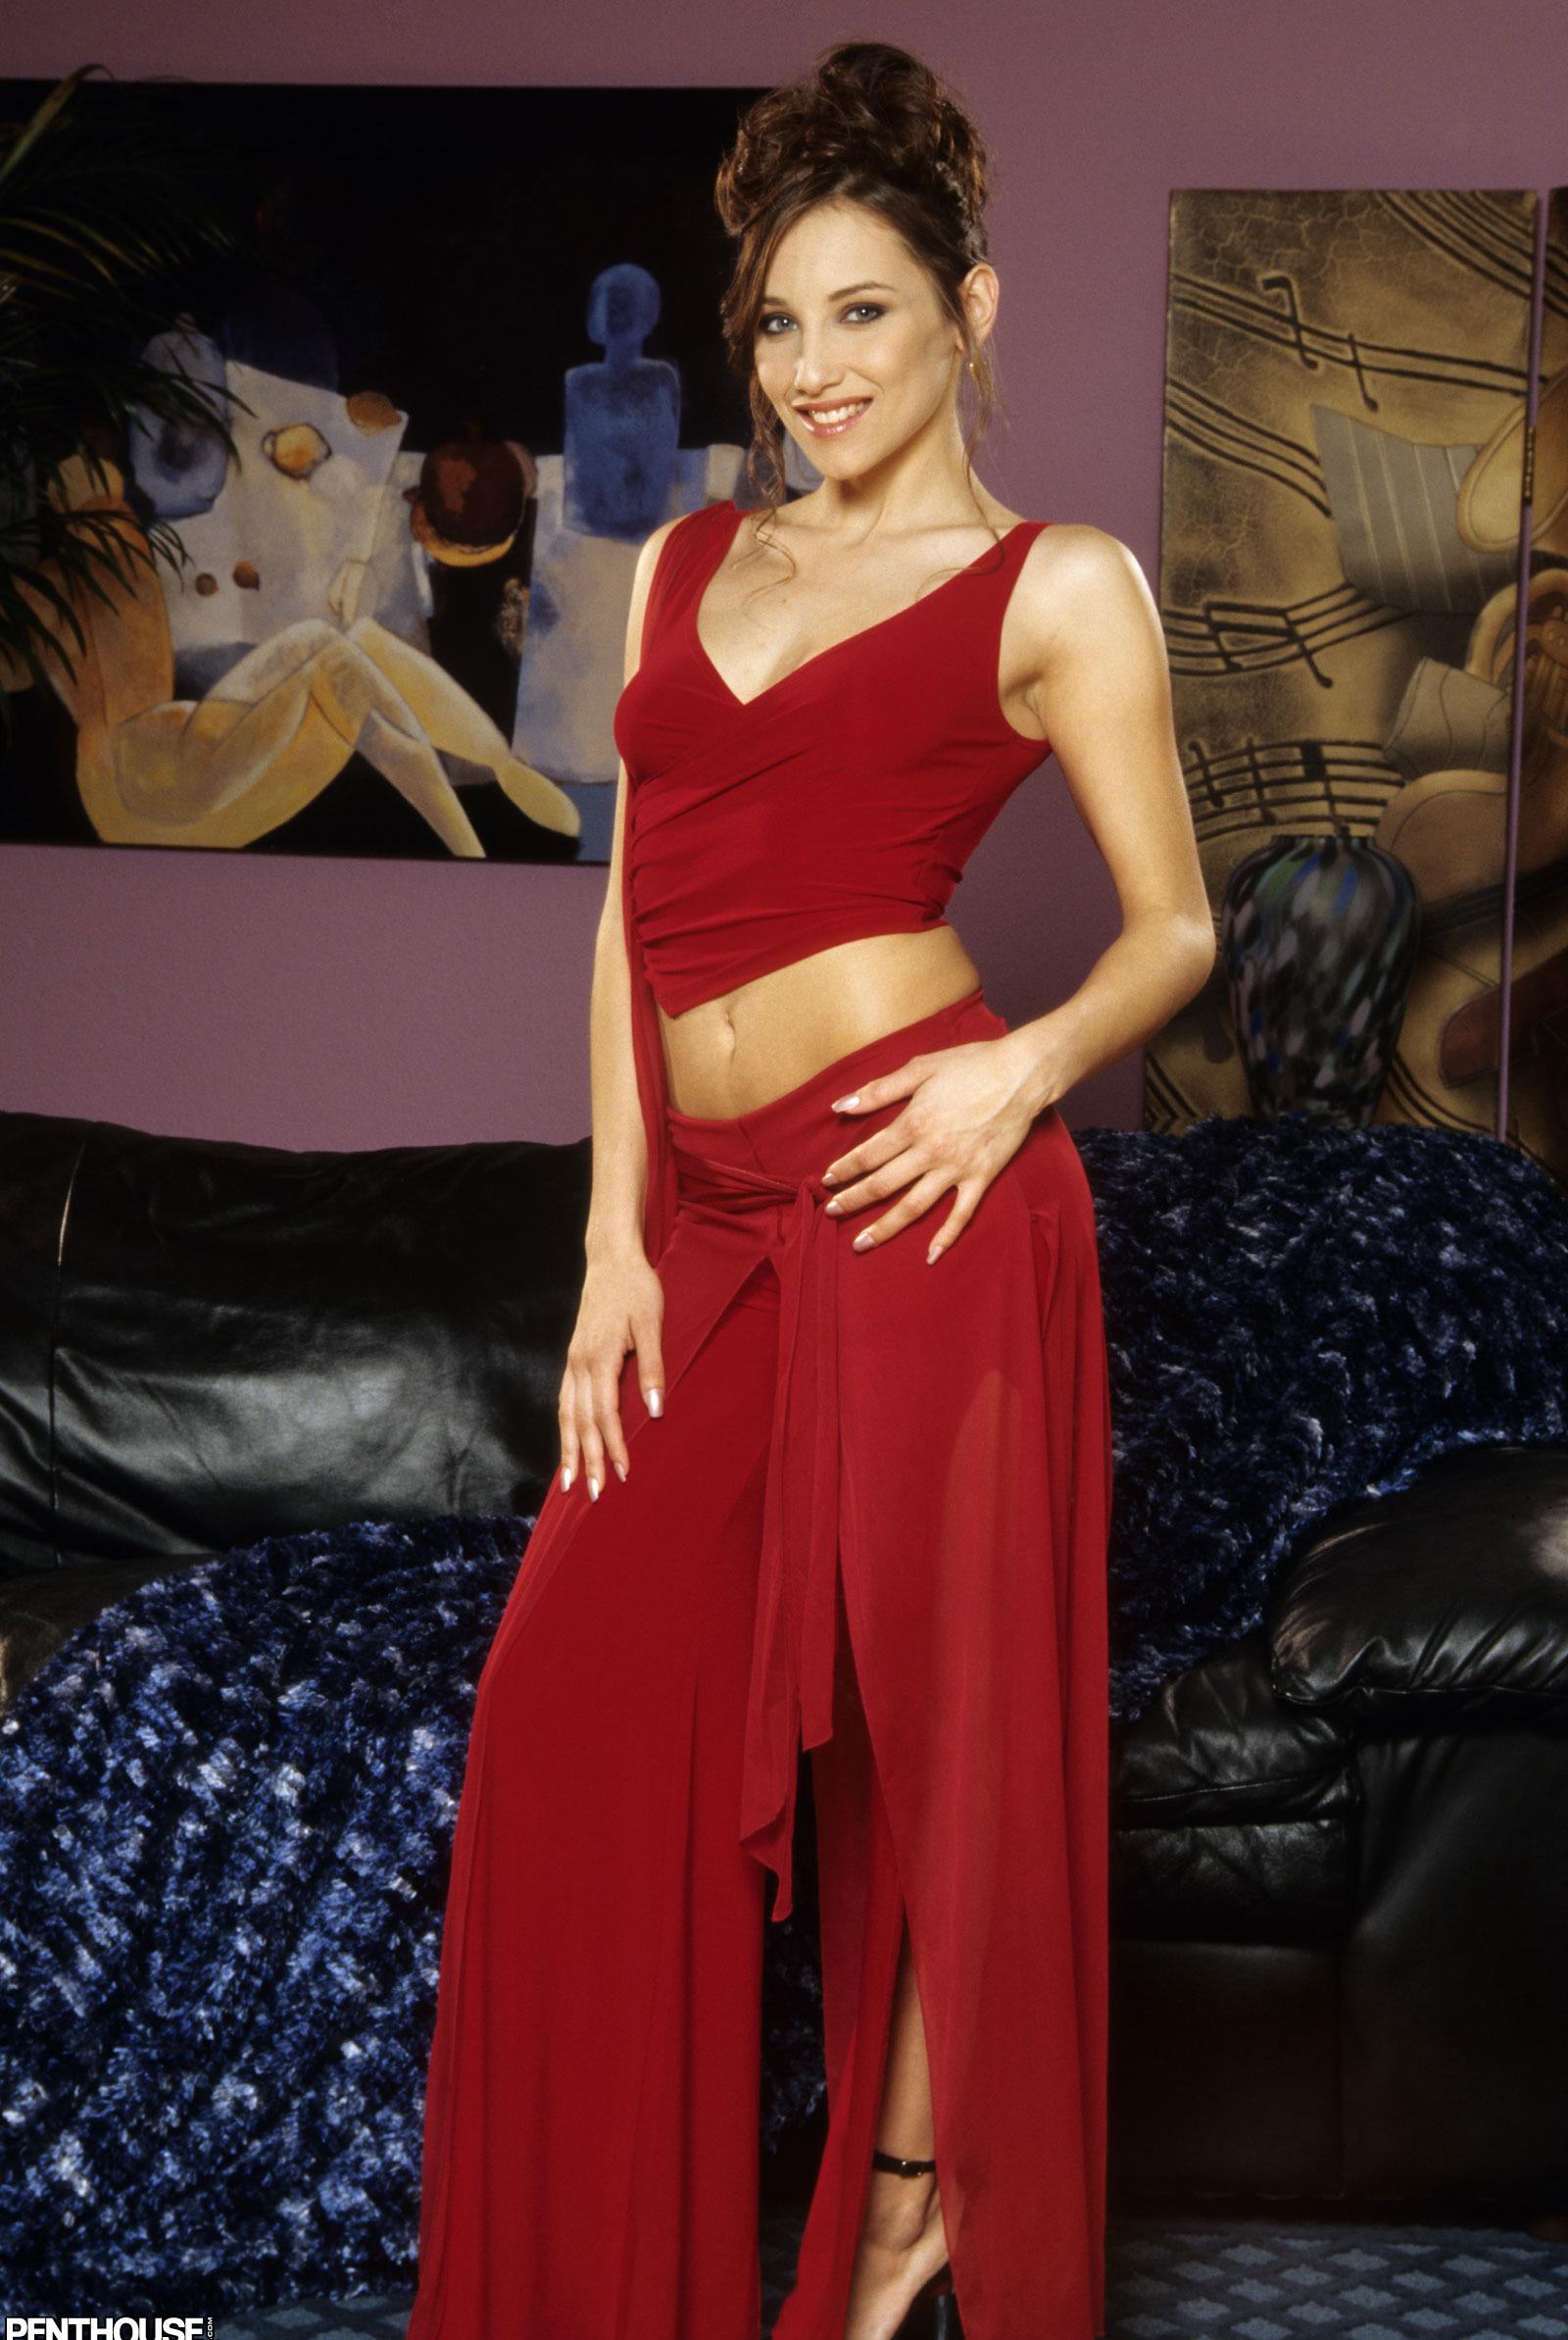 Девушки: Эротическая модель Анита (16 фото)